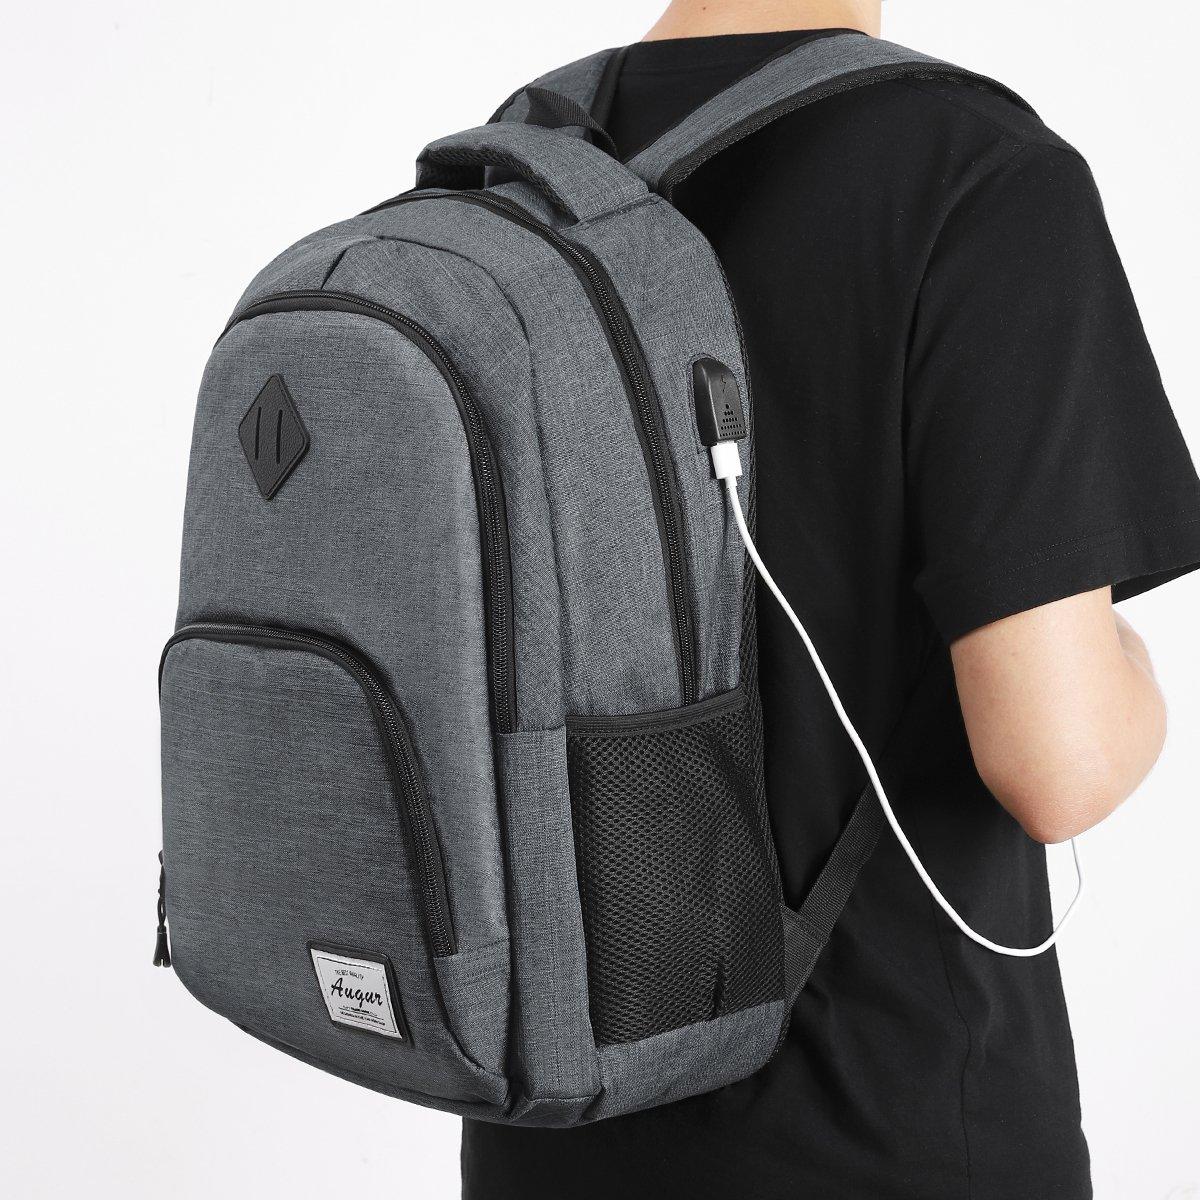 AUGUR Rucksack Laptop mit usb ladeanschluss und 15.6 laptopfach für Business Arbeit Schule Universität Herren 35L